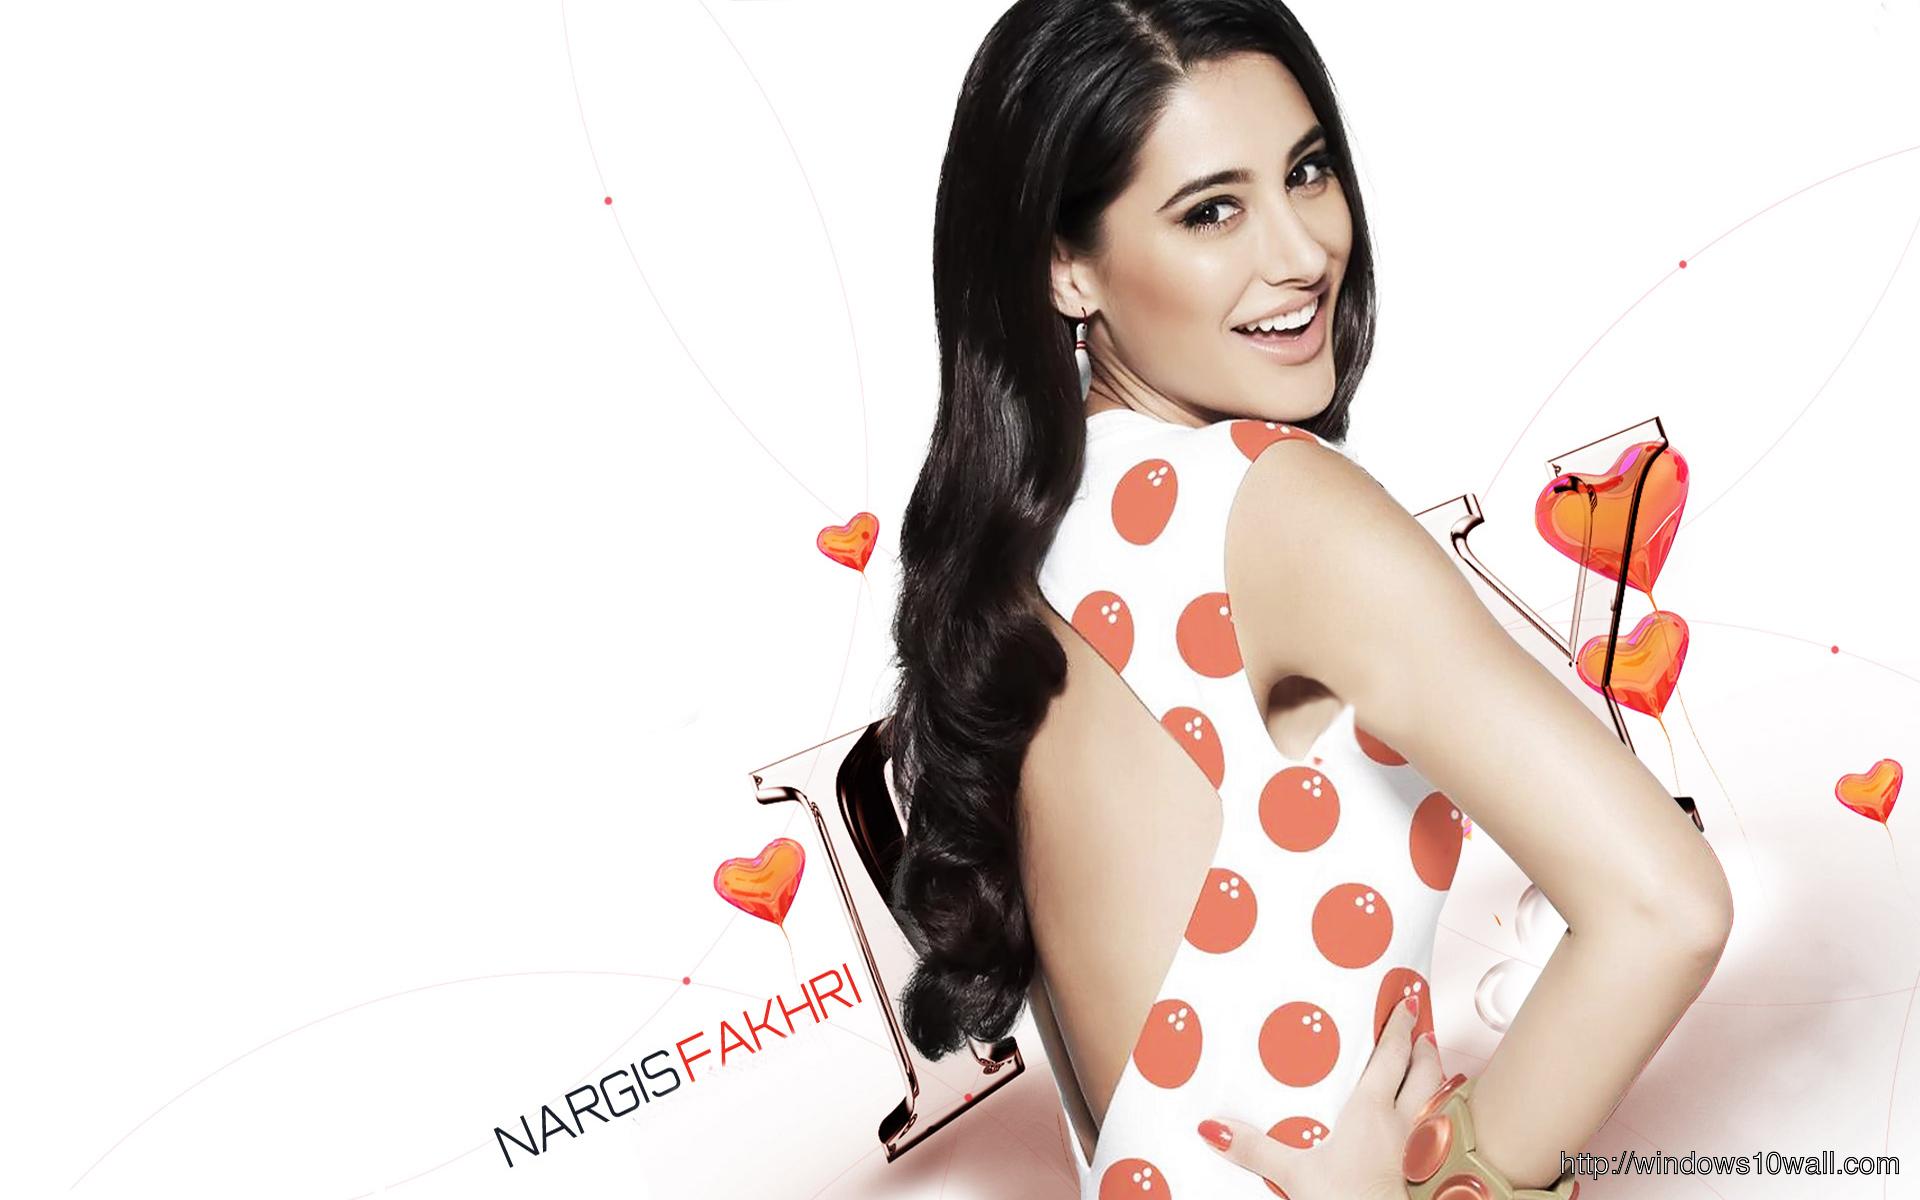 Celebrities Hd Wallpaper Download Nargis Fakhri Hd: Nargis Fakhri Cool HD Free Download Wallpaper